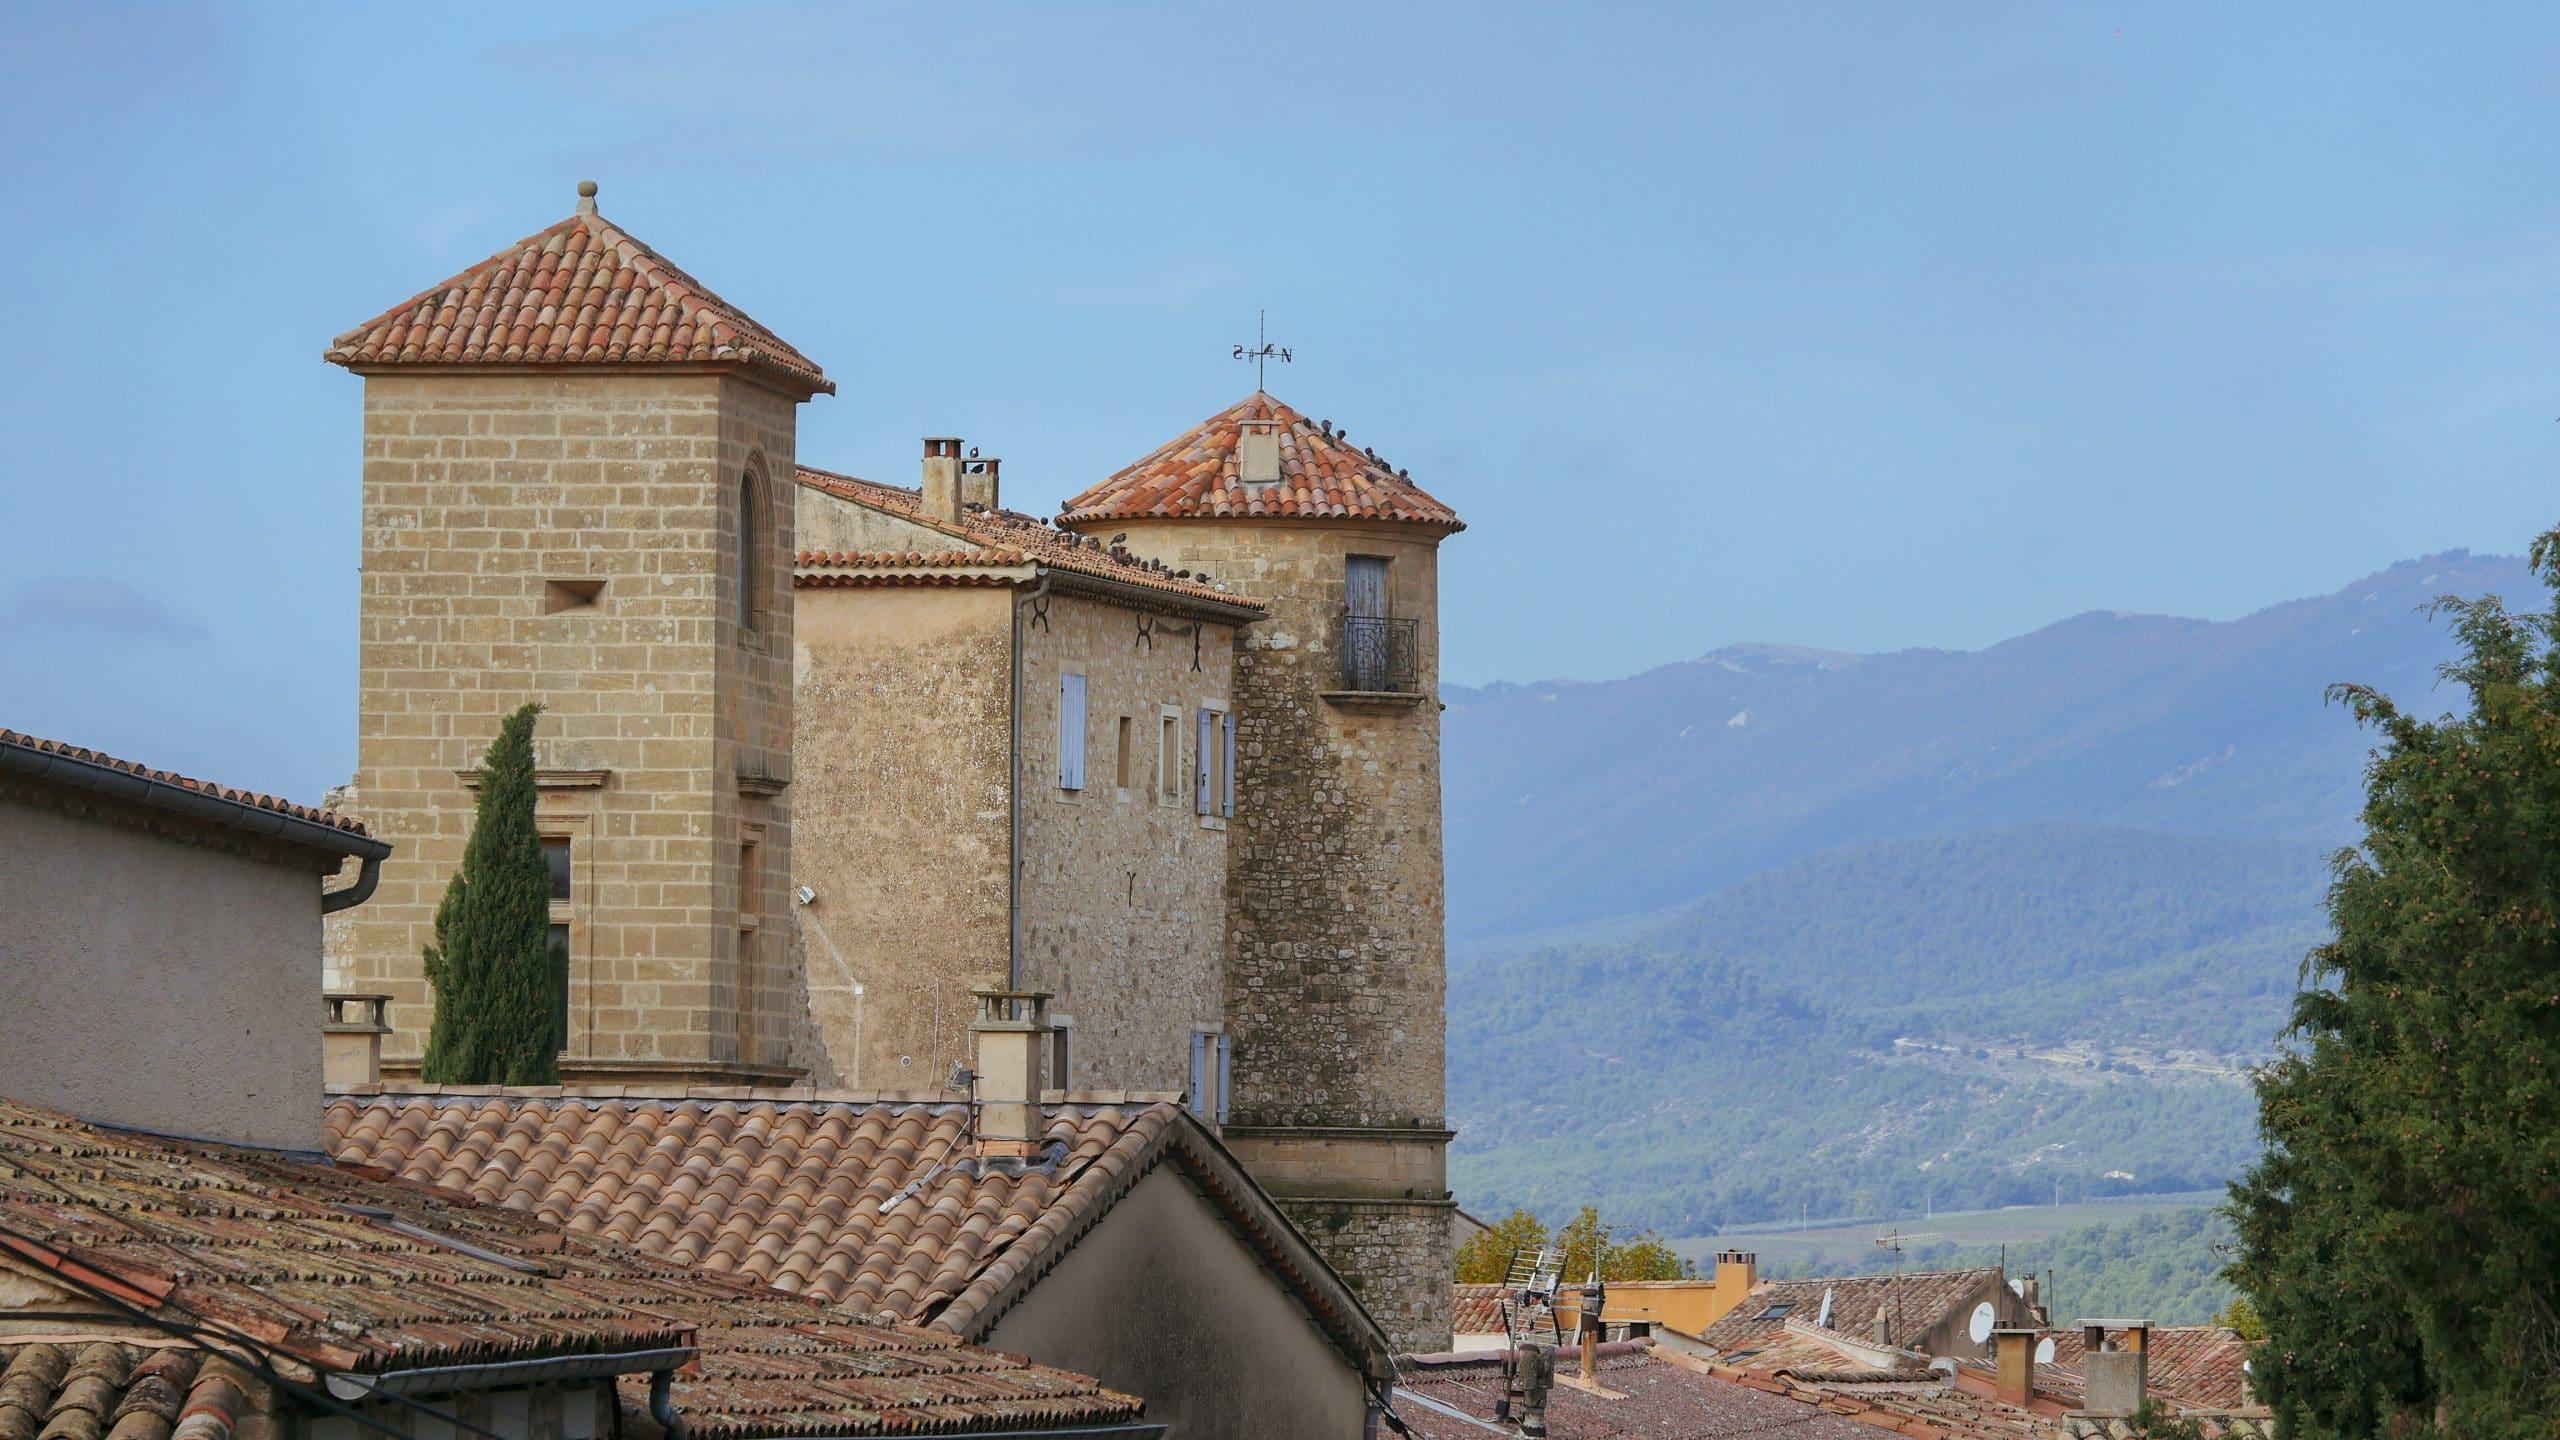 Village de la Bastide des Jourdans (Vaucluse) Luberon Sud Tourisme